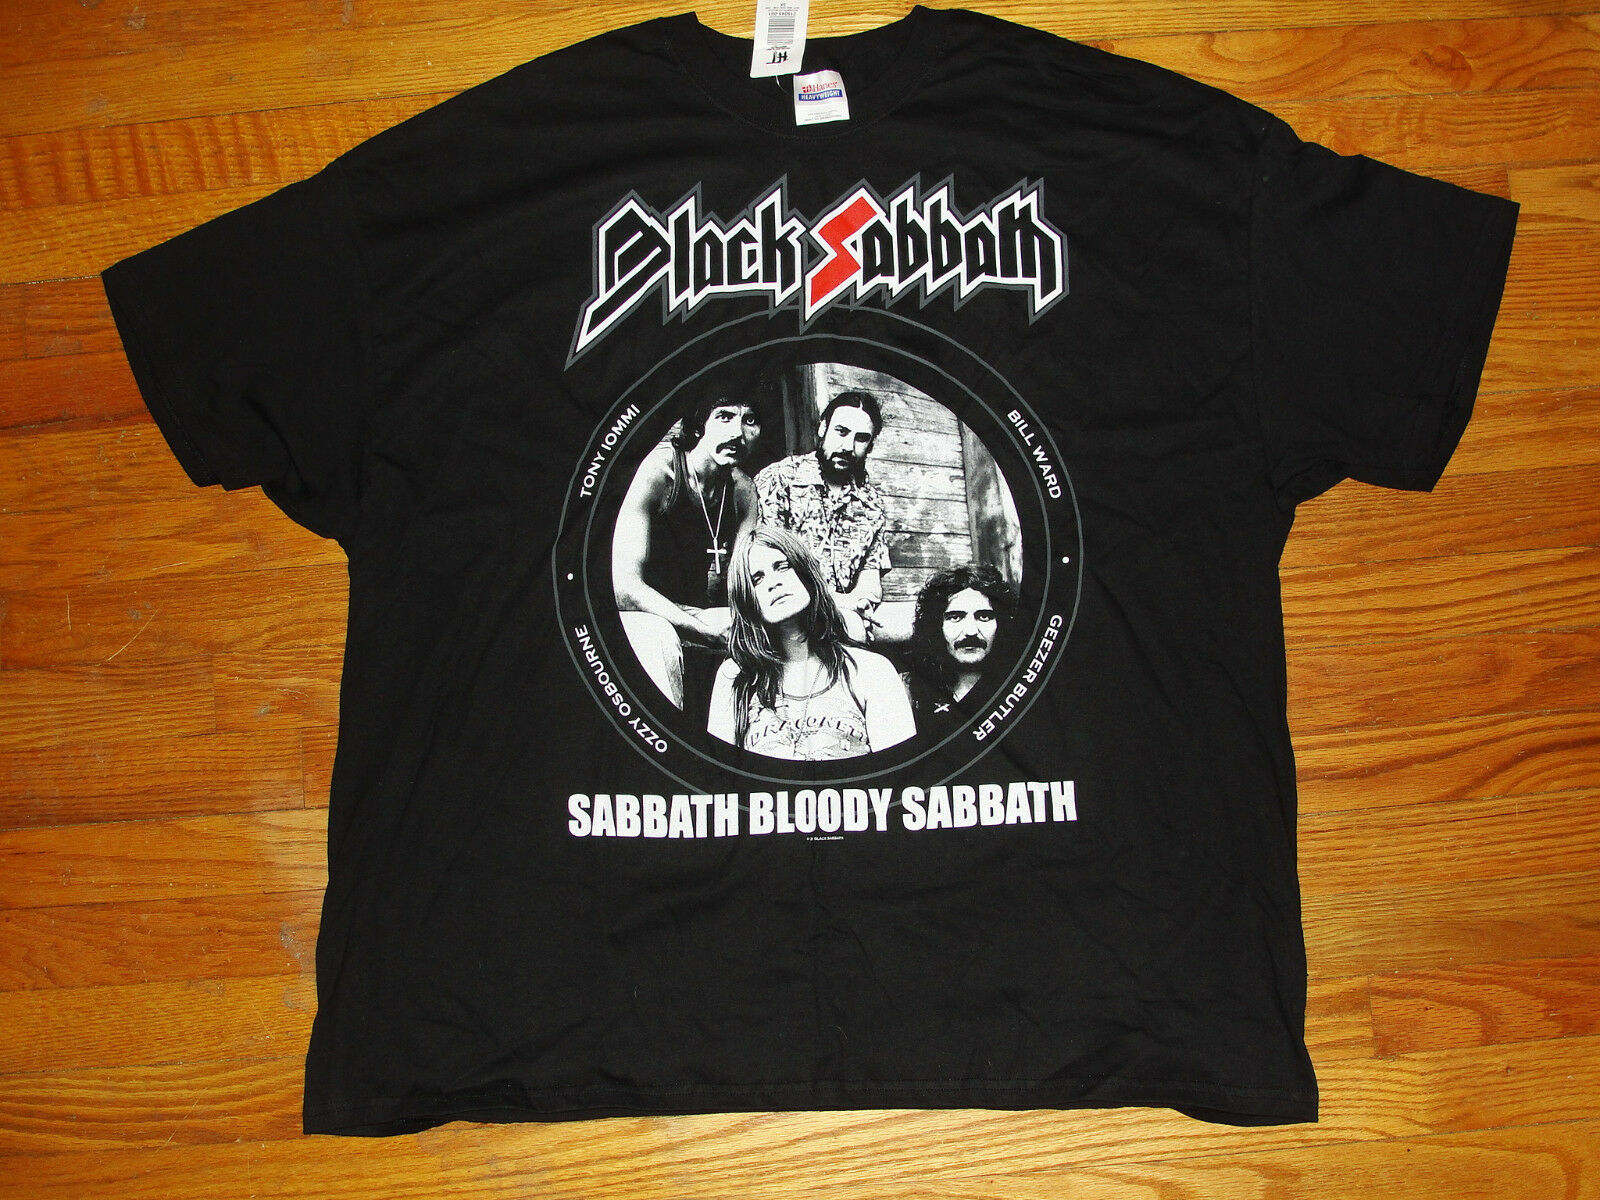 Porn hardcore metal black sabbath naked gif women